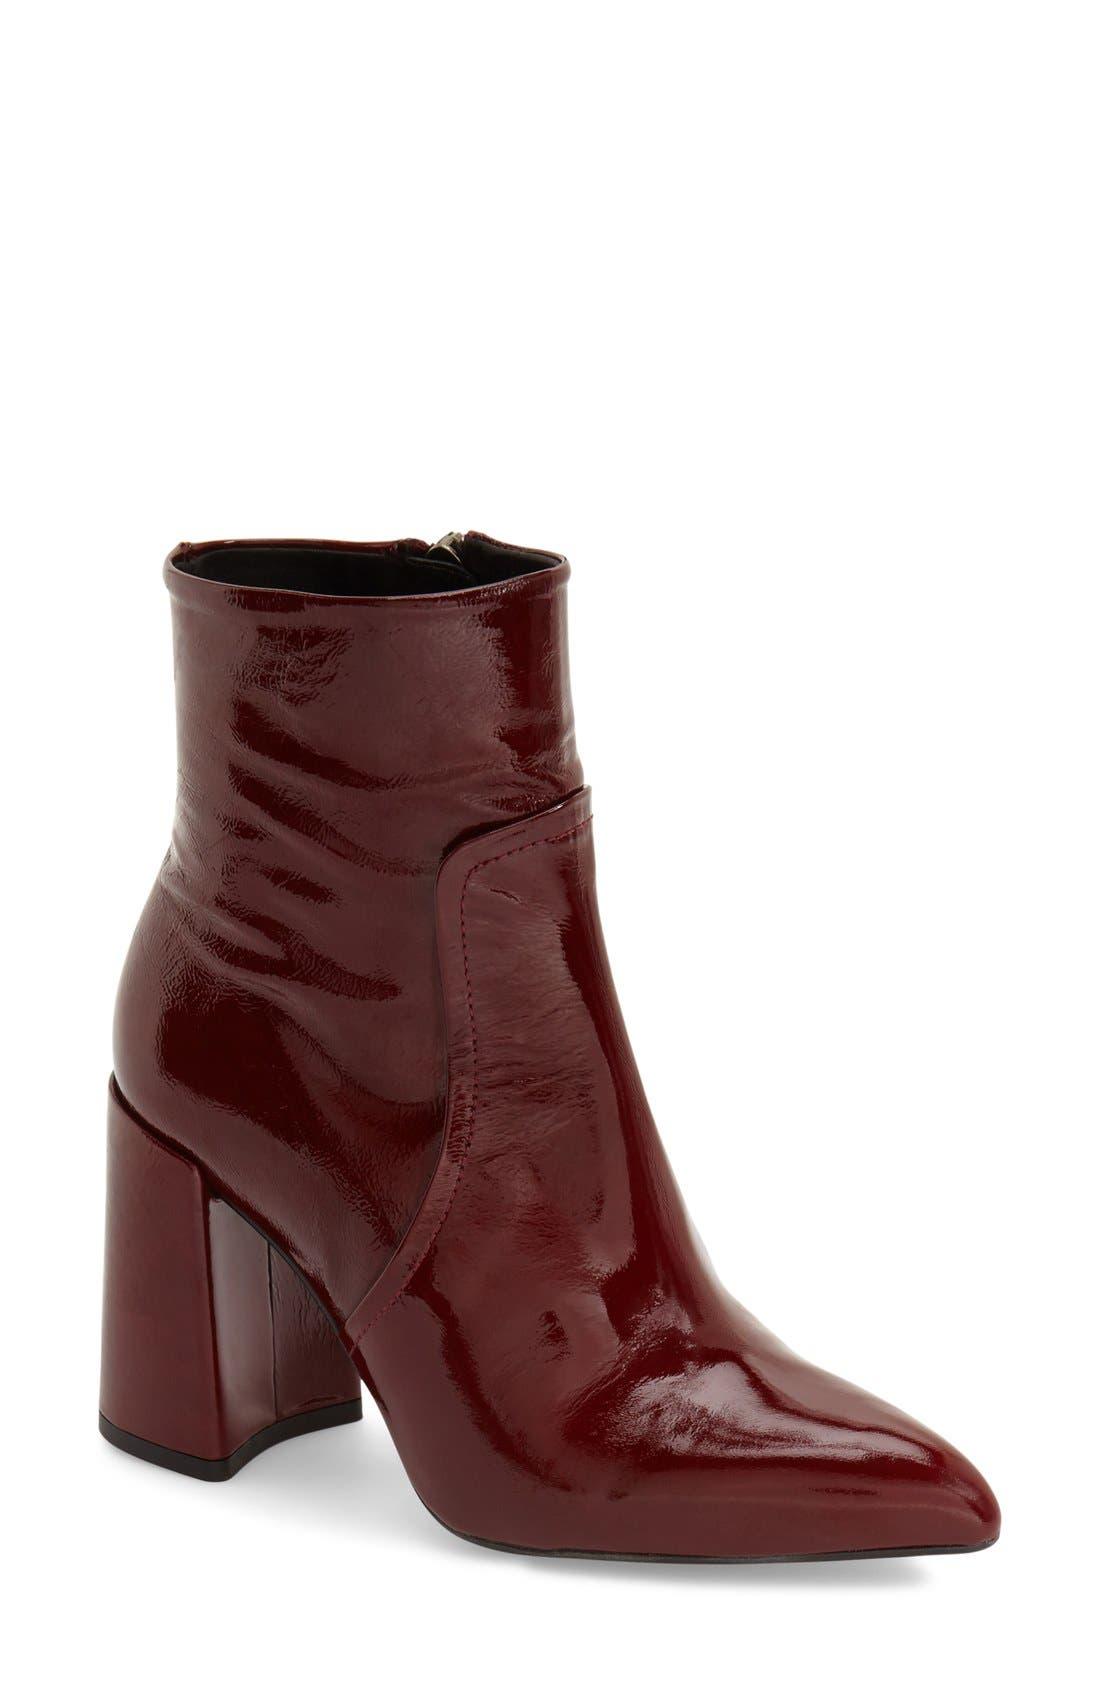 Alternate Image 1 Selected - Topshop 'Hamptons' Boot (Women)